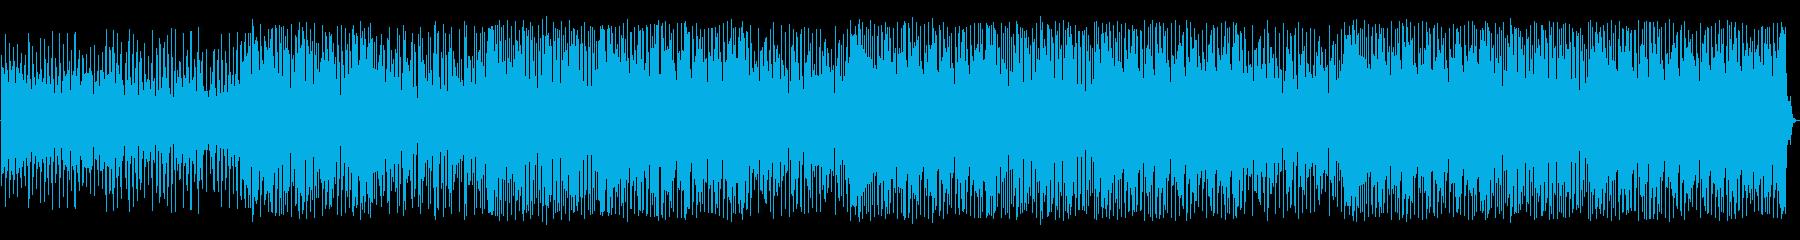 キラキラと風変わりなダンステクノト...の再生済みの波形